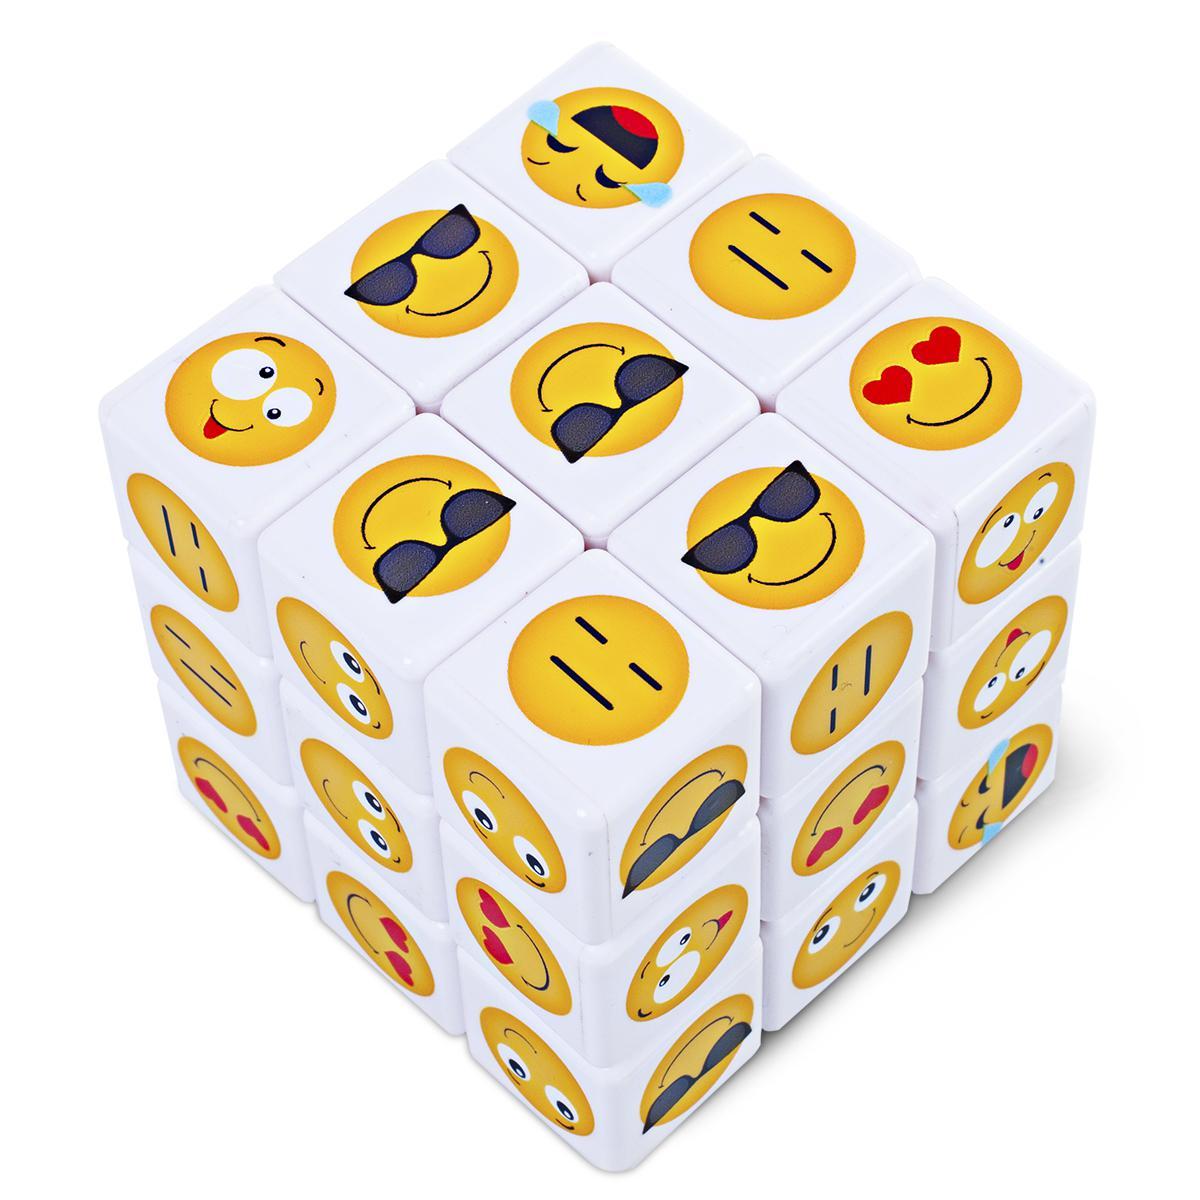 Mini Emoji Puzzle Cubes Pack